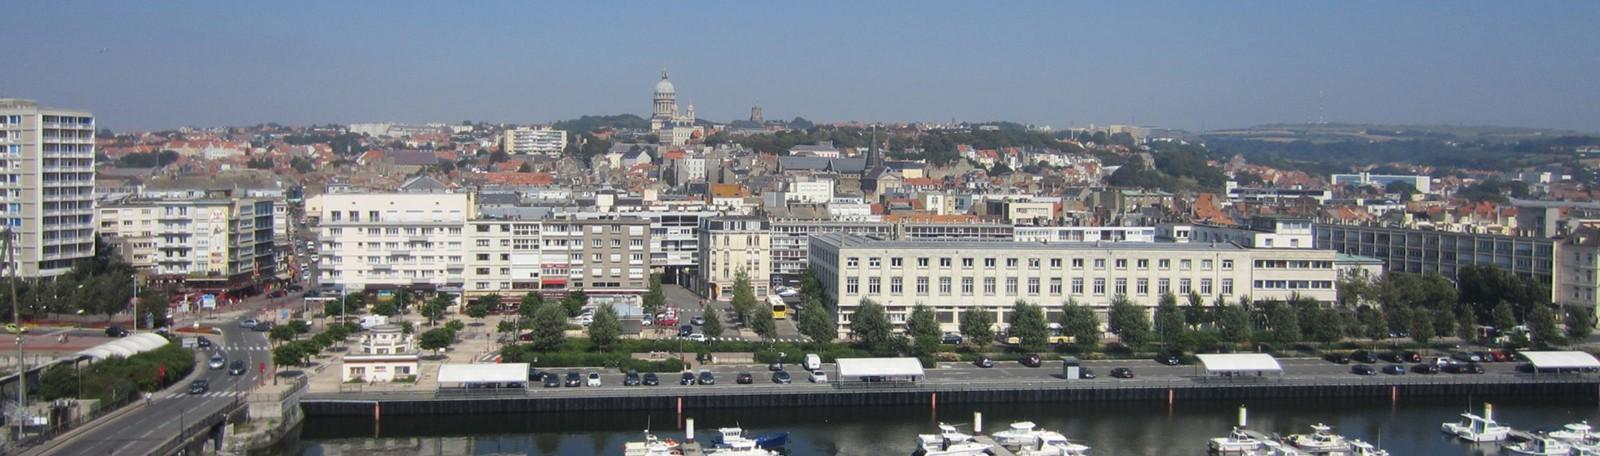 Stationnez dans votre rue dans la ville de Boulogne-sur-mer